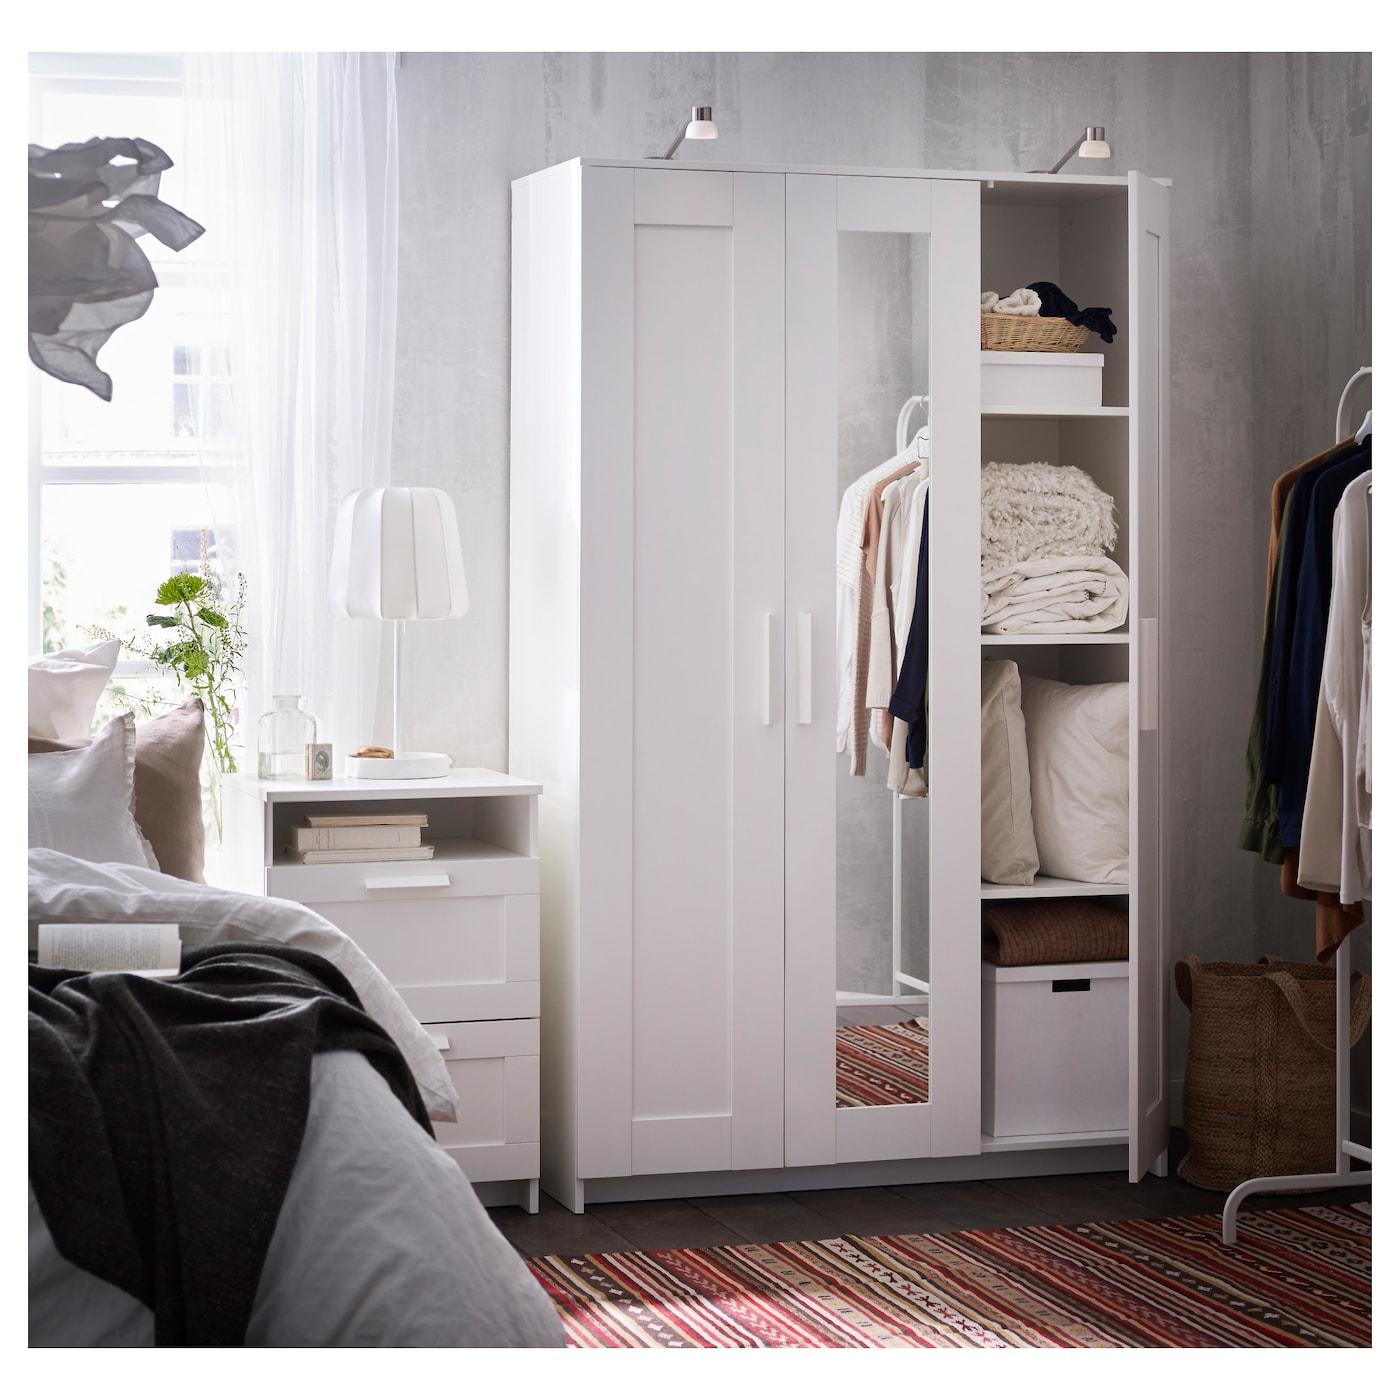 Brimnes armario con 3 puertas blanco 117 x 190 cm ikea - Puertas armario ikea ...